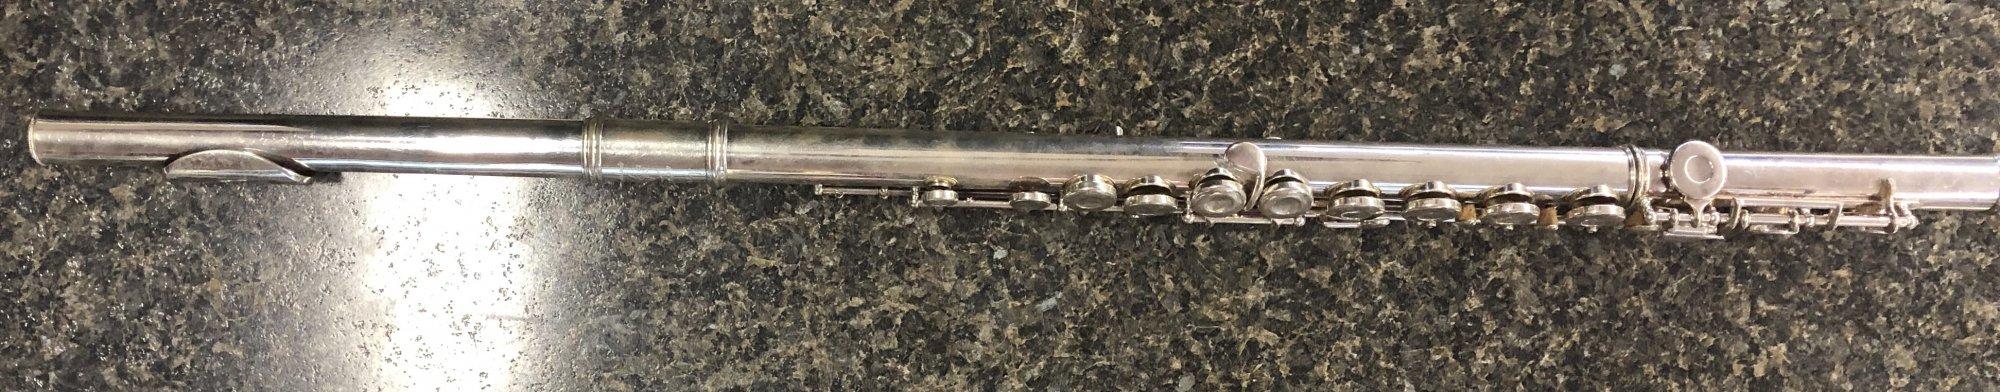 Gemeinhardt Flute 22SP G30736